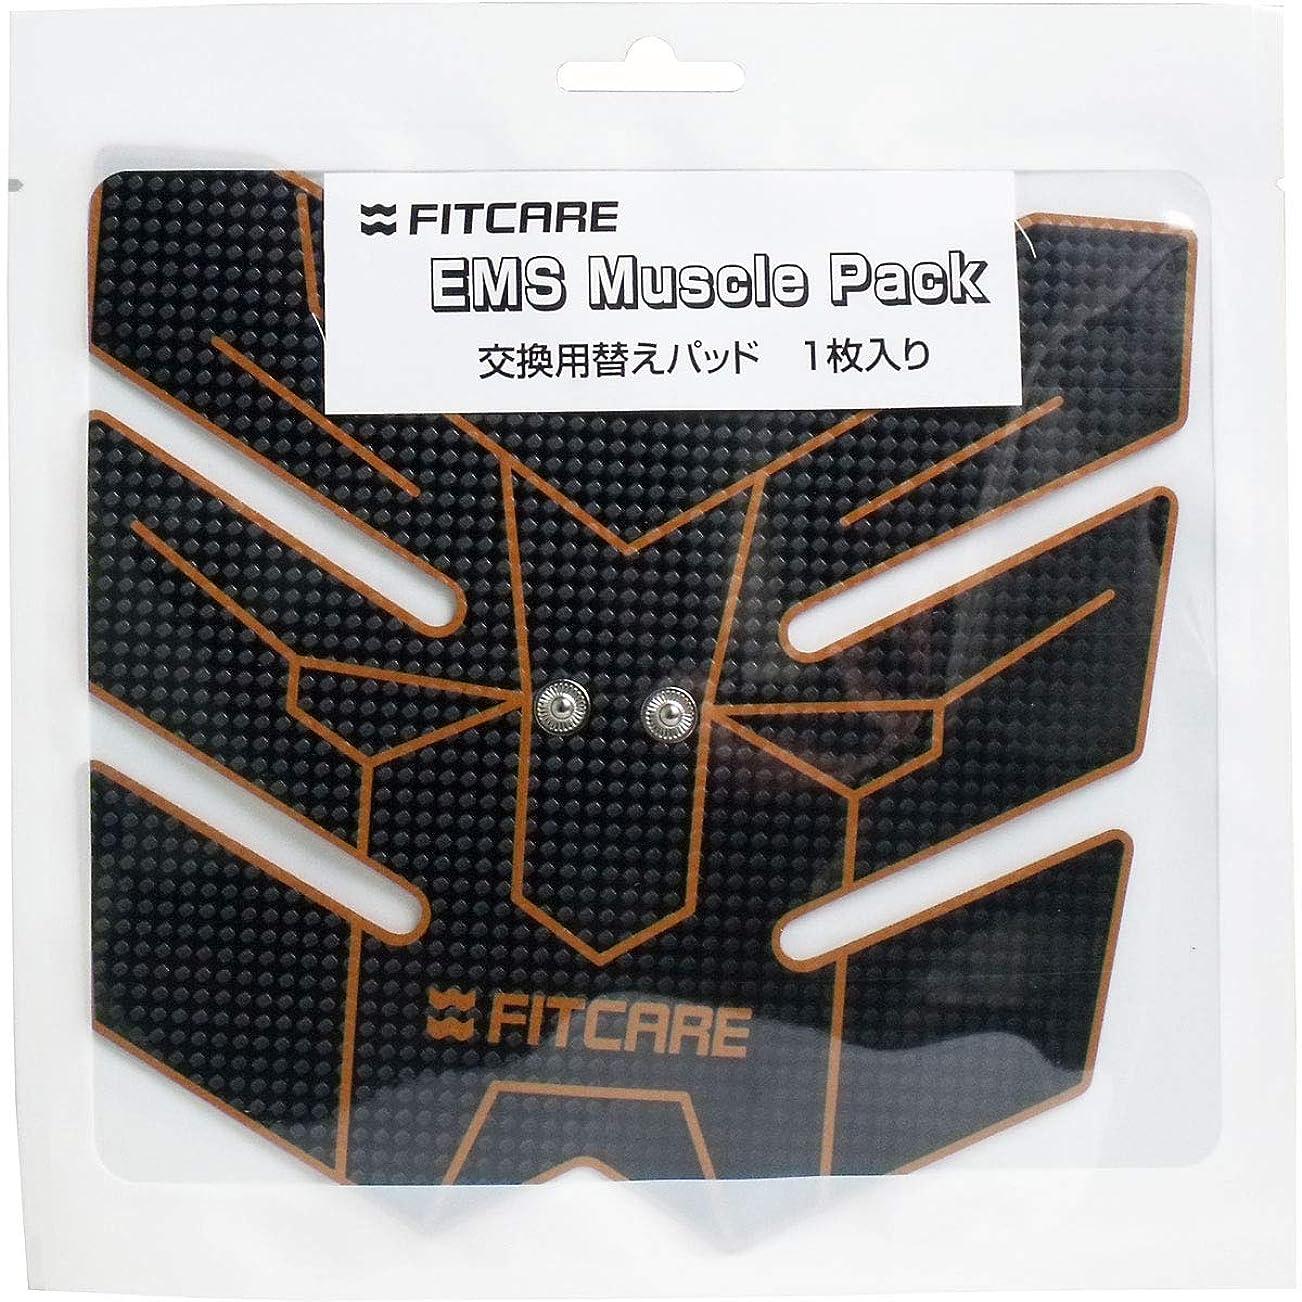 可決知事認可EMS マッスルパック 交換用替えパッド 1枚入×5個セット(管理番号 4580421230577)